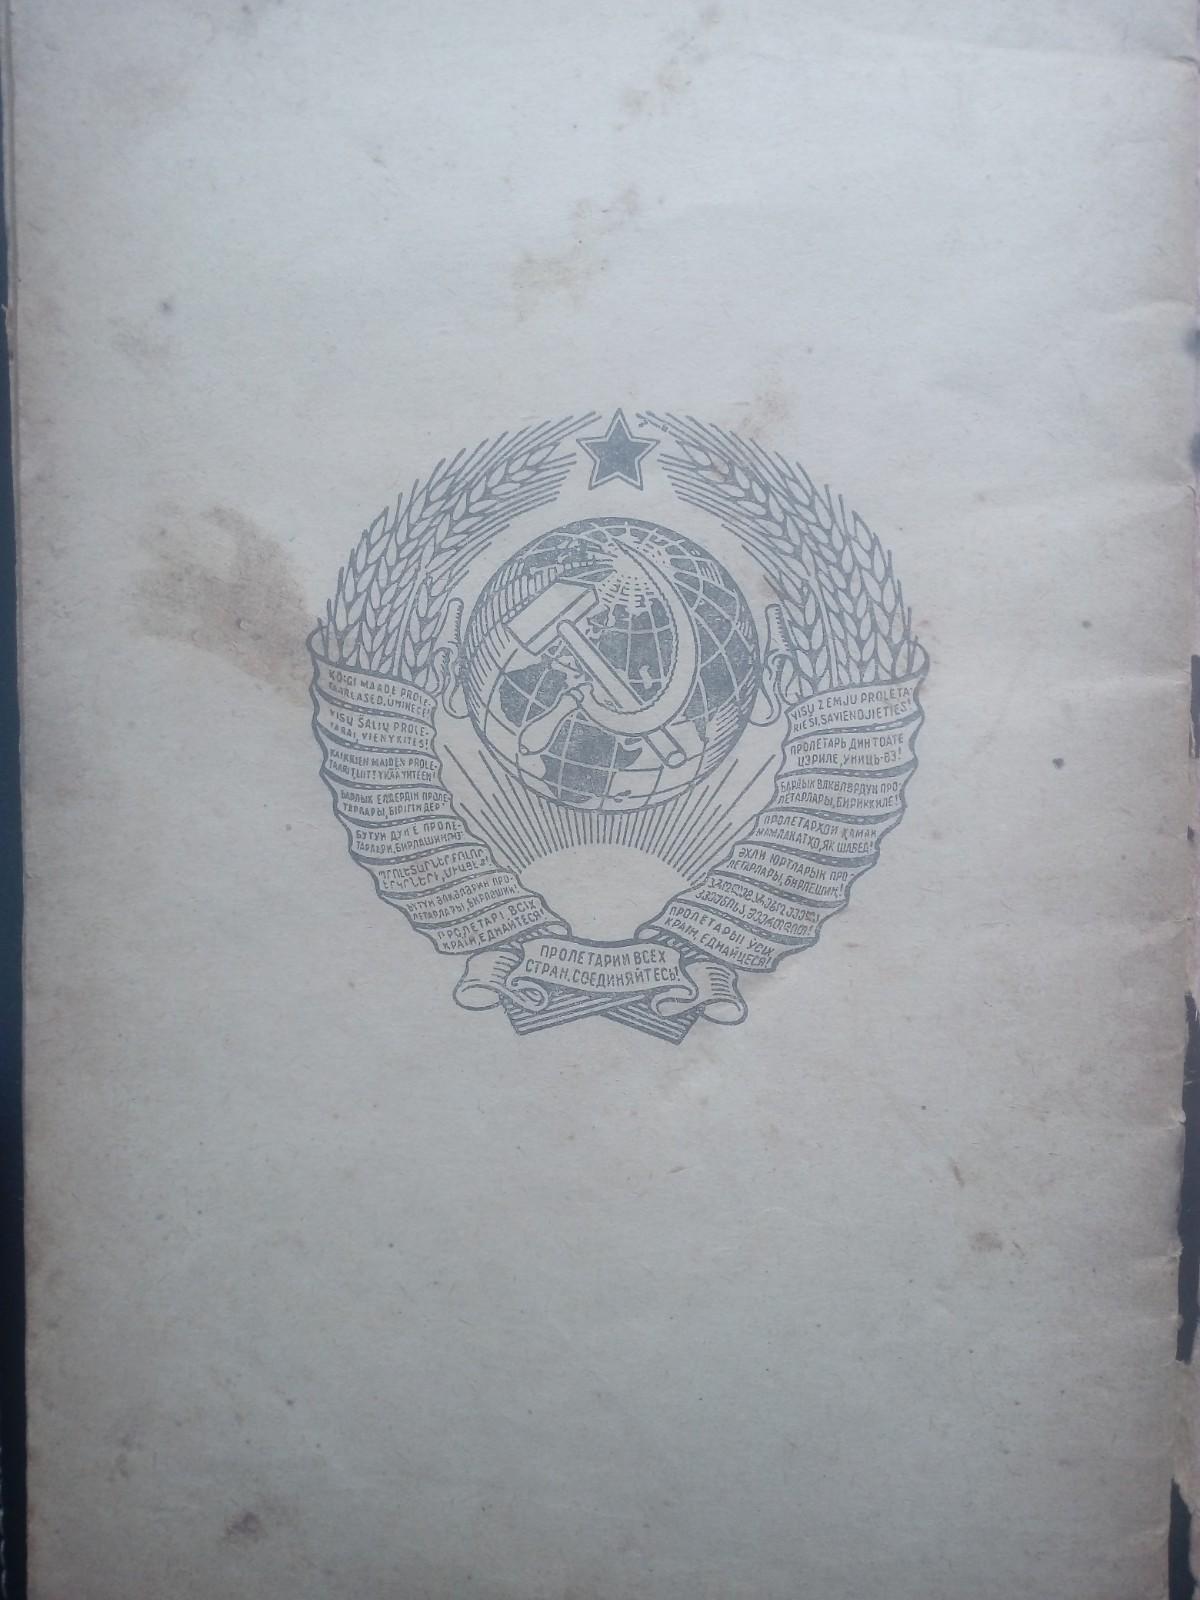 二零二零年四月十四日部分日记读《特使——与丘吉尔、斯大林周旋记》 ..._图1-2